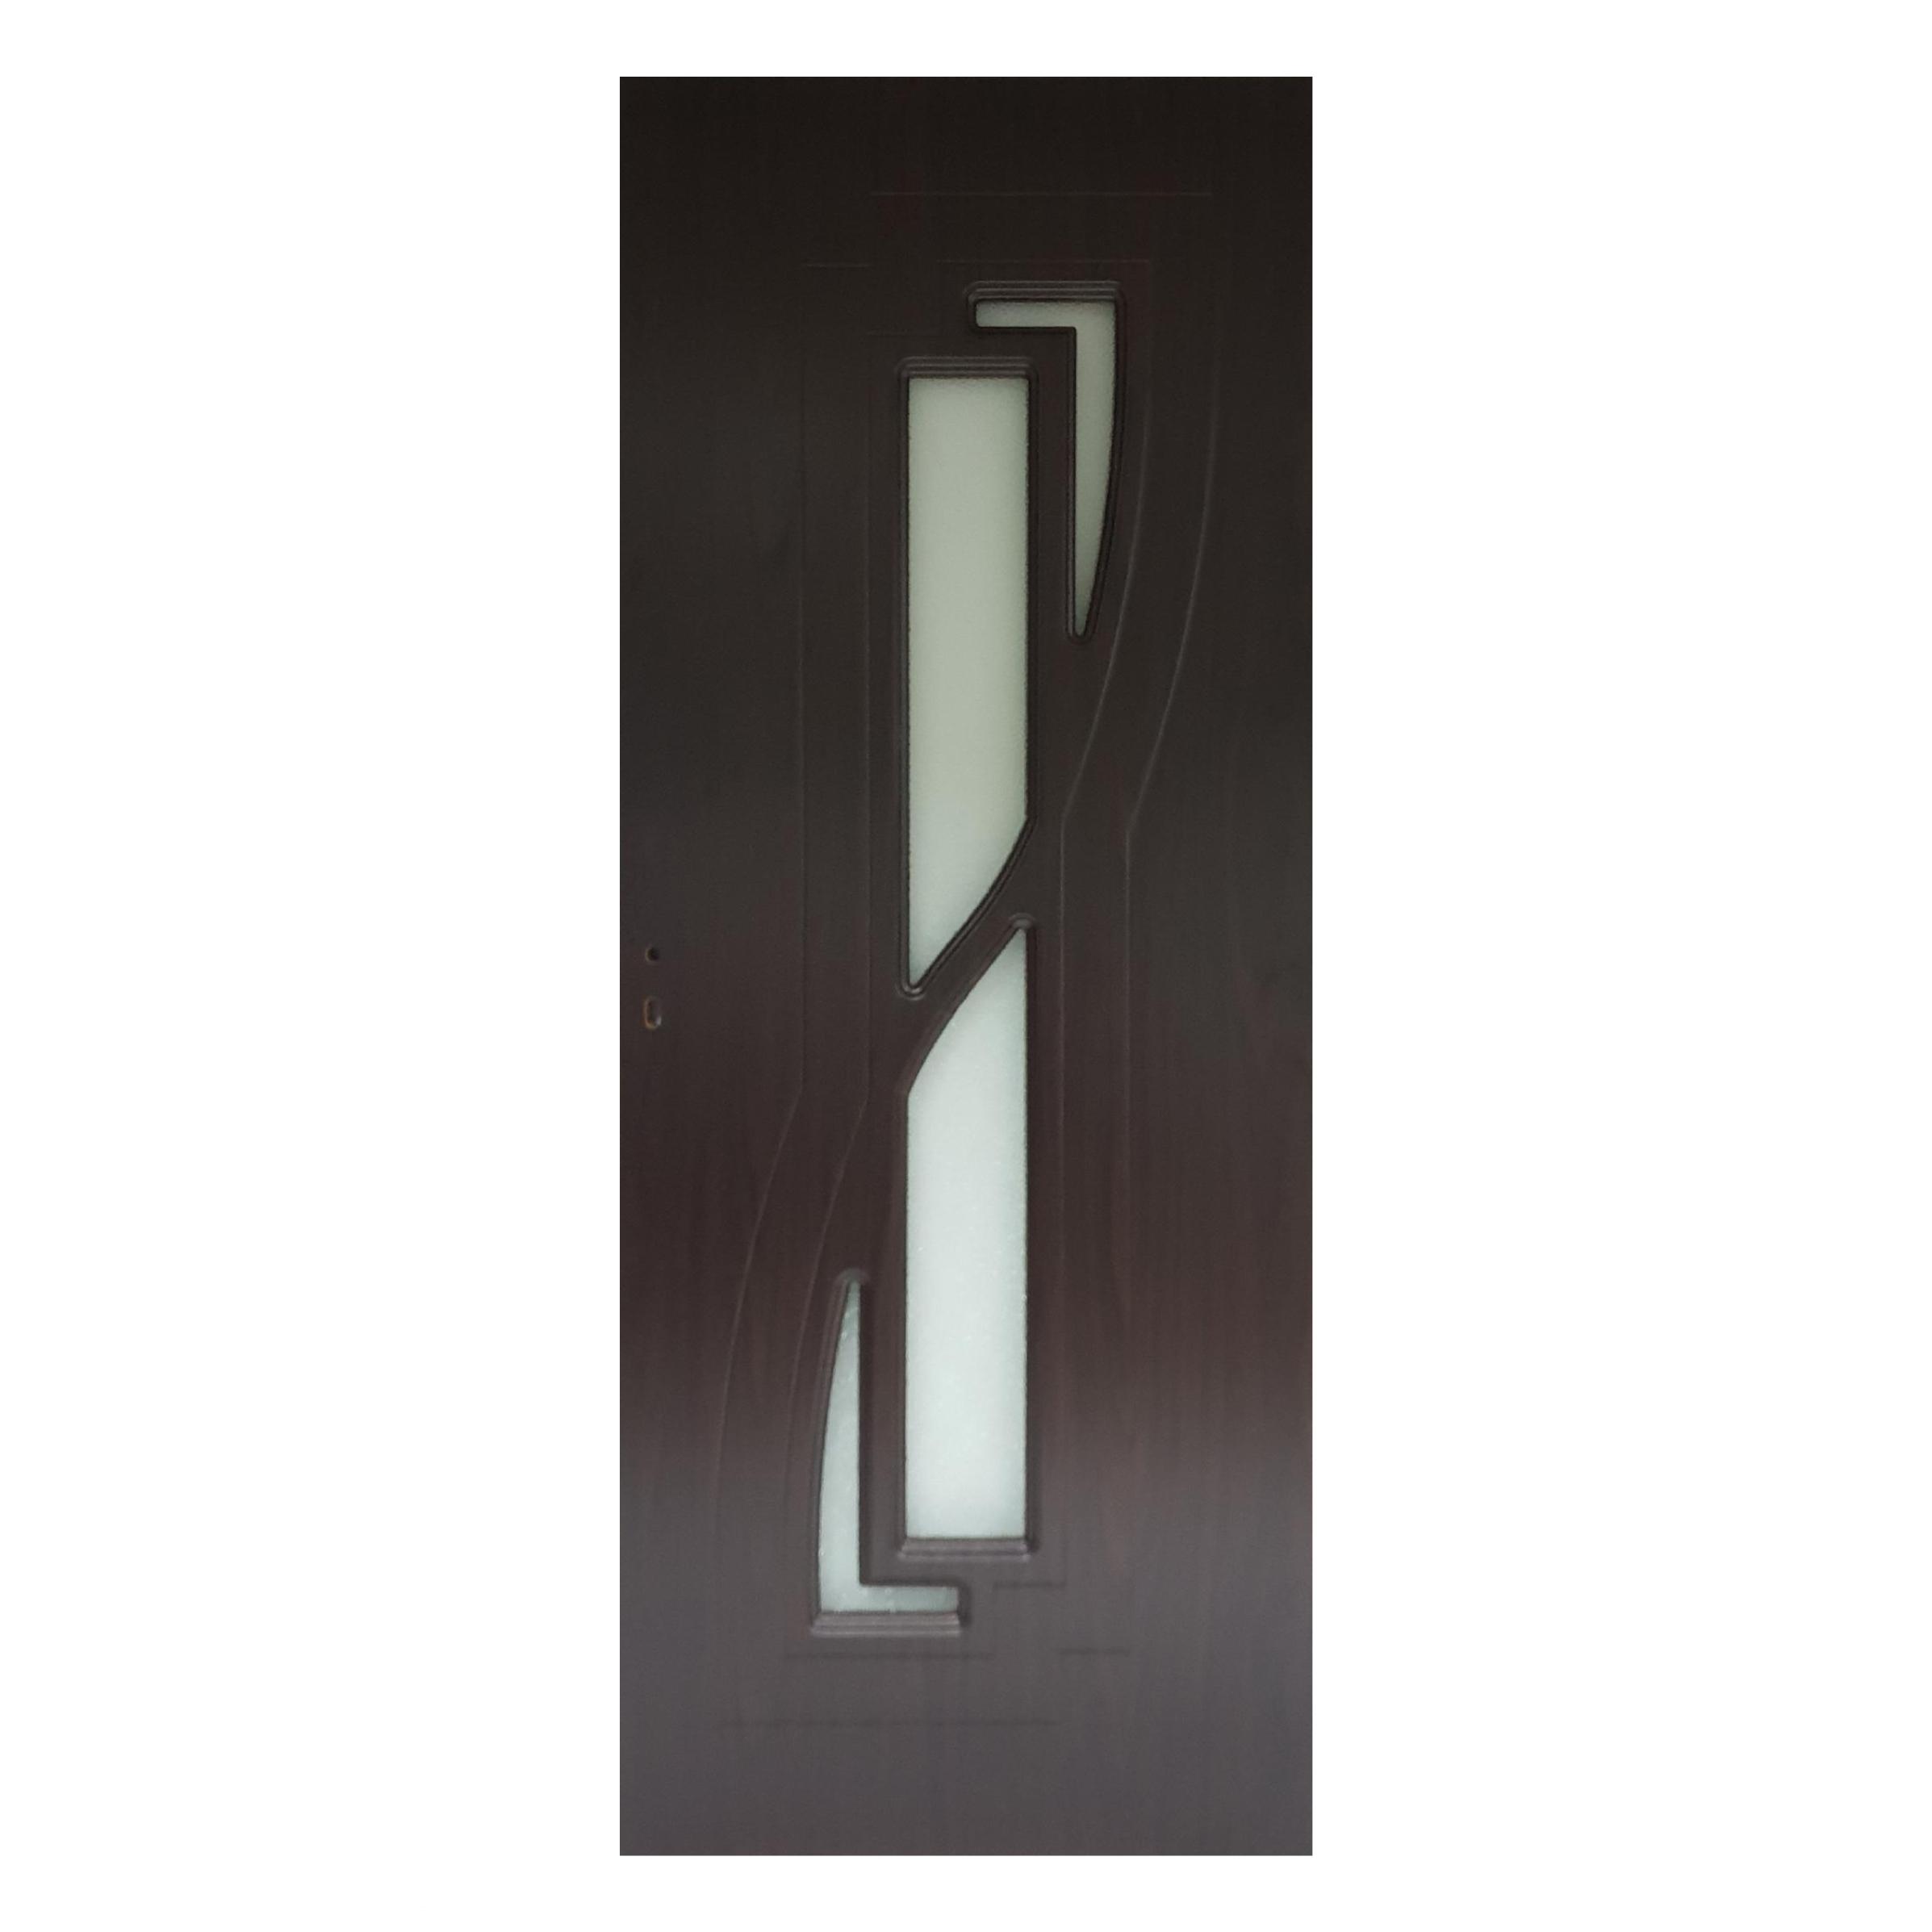 Usa interior cu geam Pamate M042, wenge, 203 x 70 x 3,5 cm + toc 10 cm, reversibila imagine MatHaus.ro